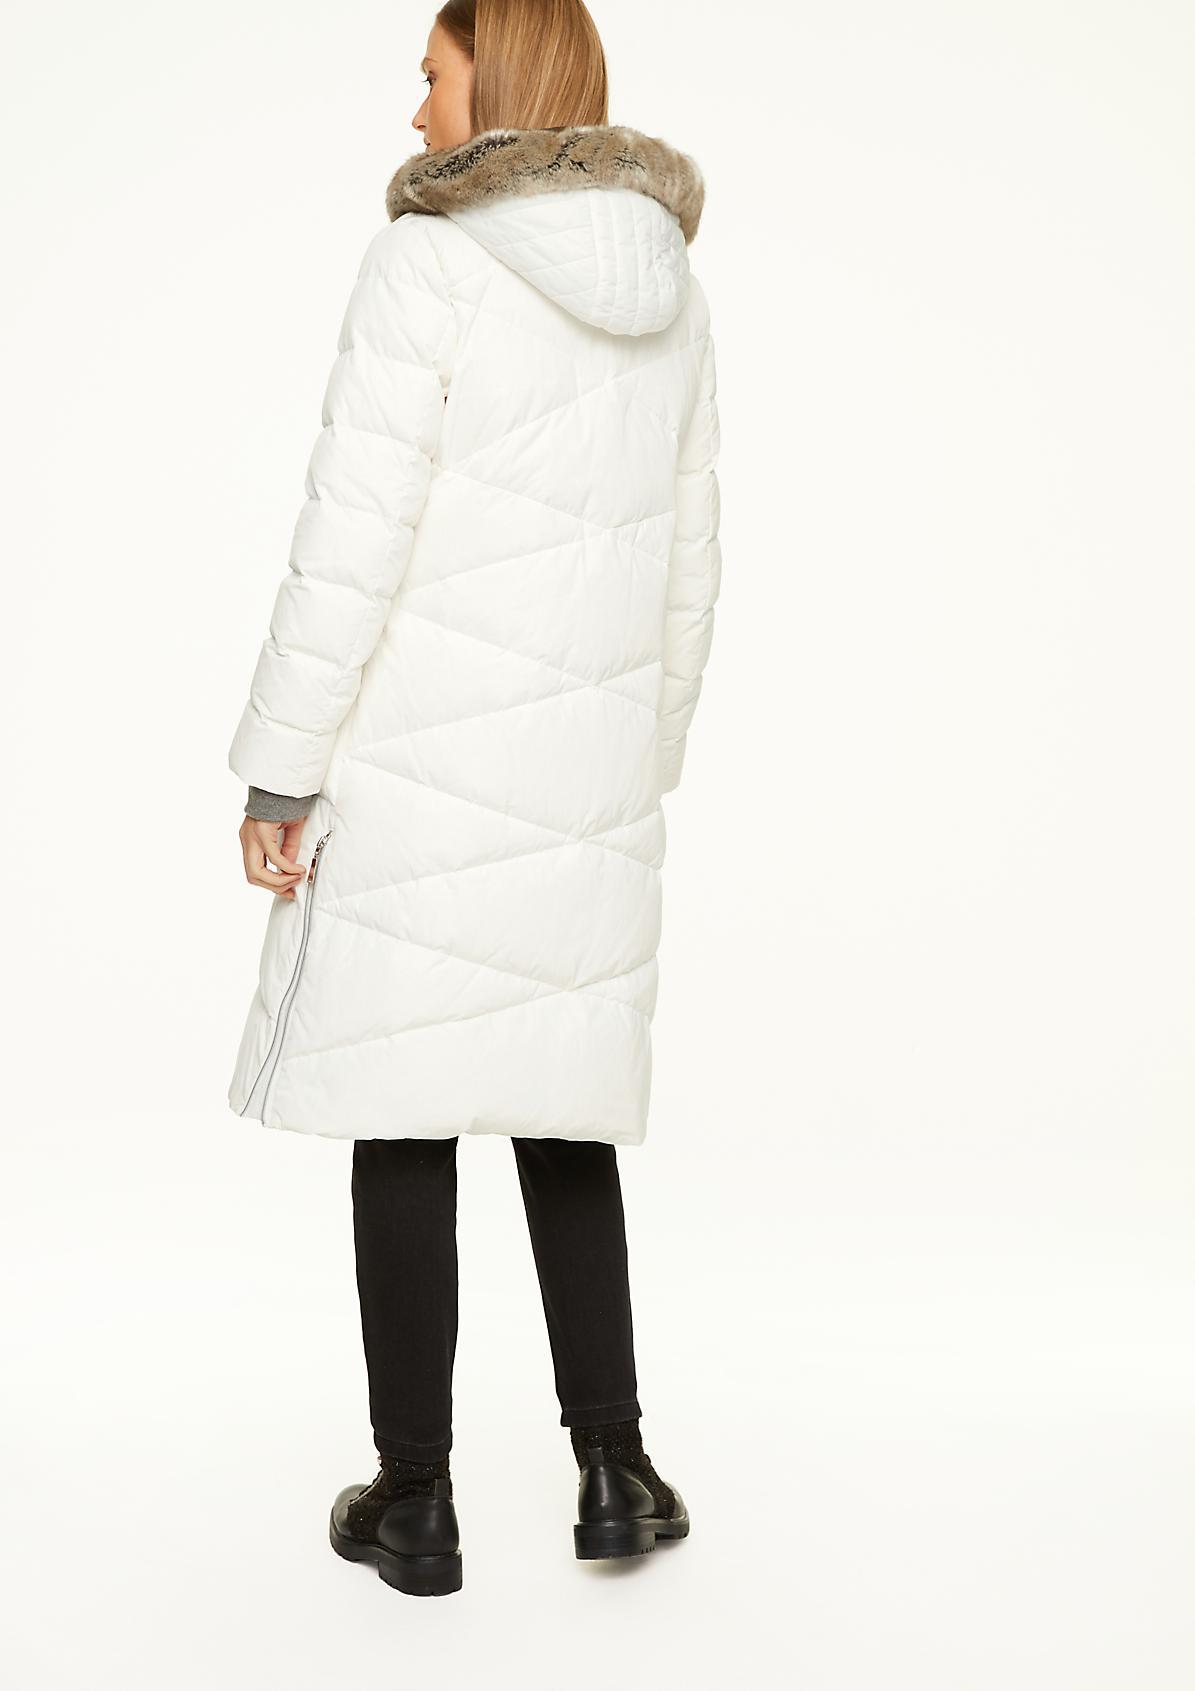 Mantel mit abnehmbarem Fake Fur-Detail